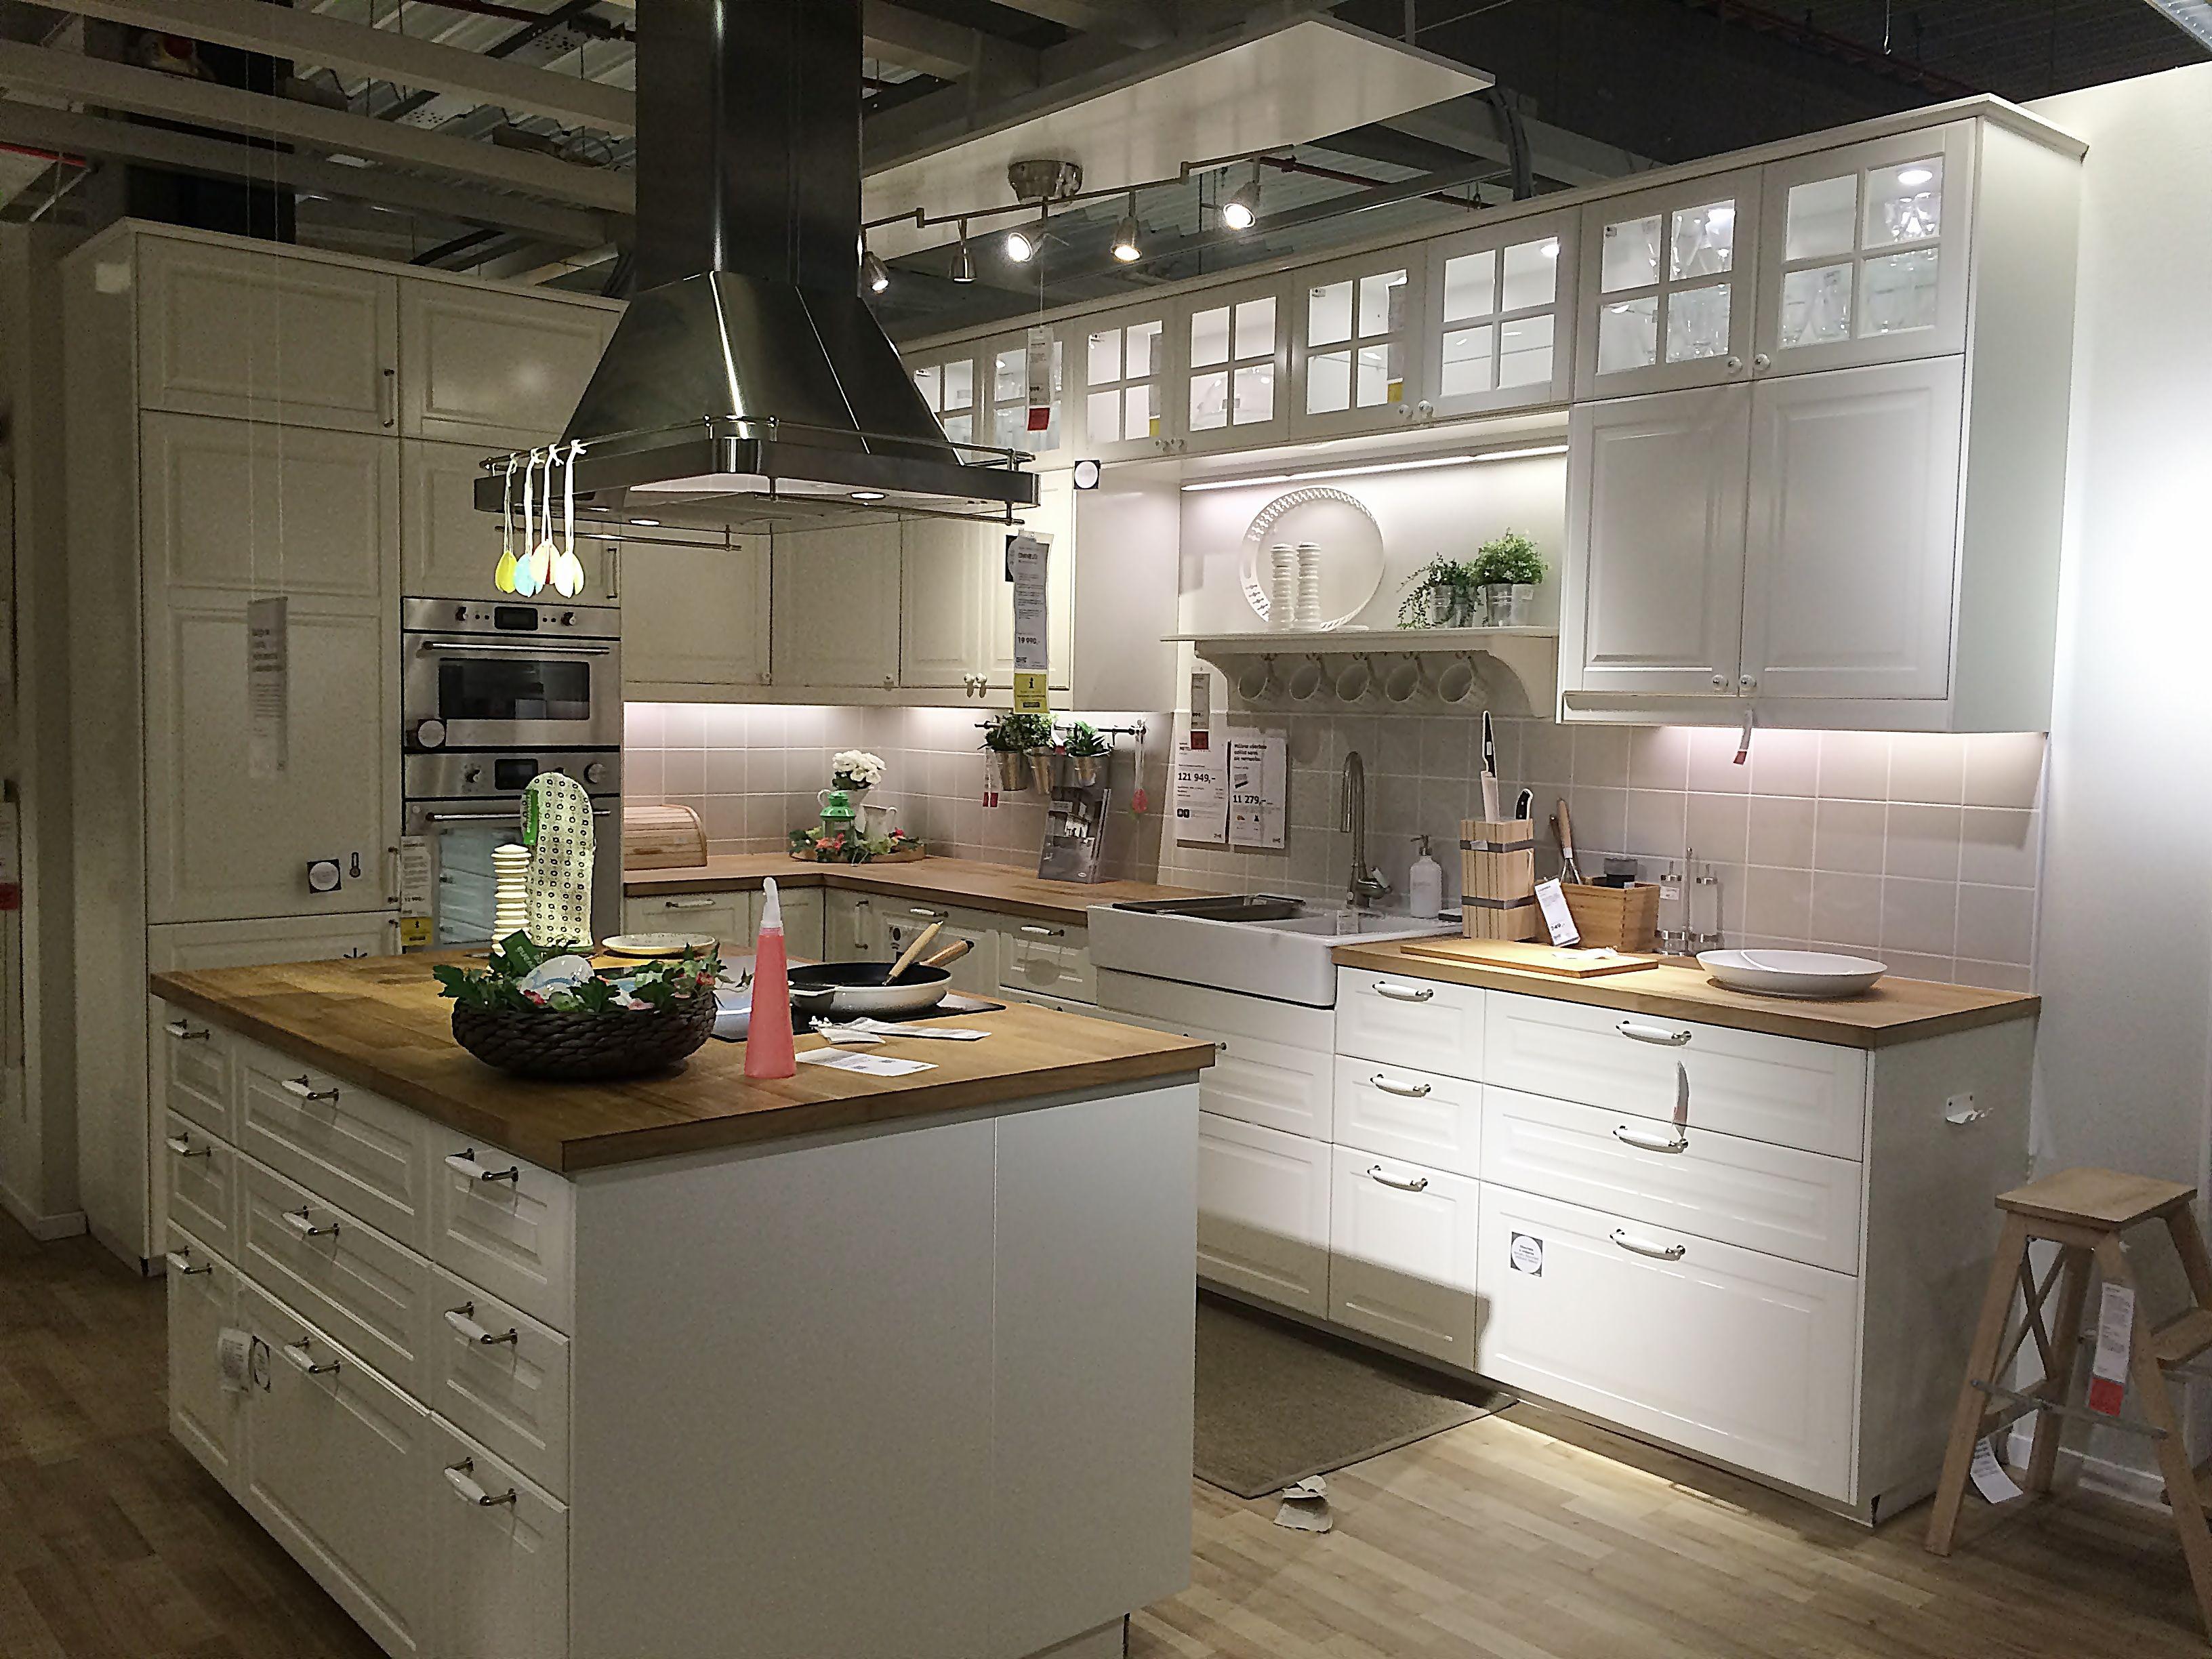 Ziemlich Küche Hängeleuchten Lowes Zeitgenössisch   Küchenschrank .